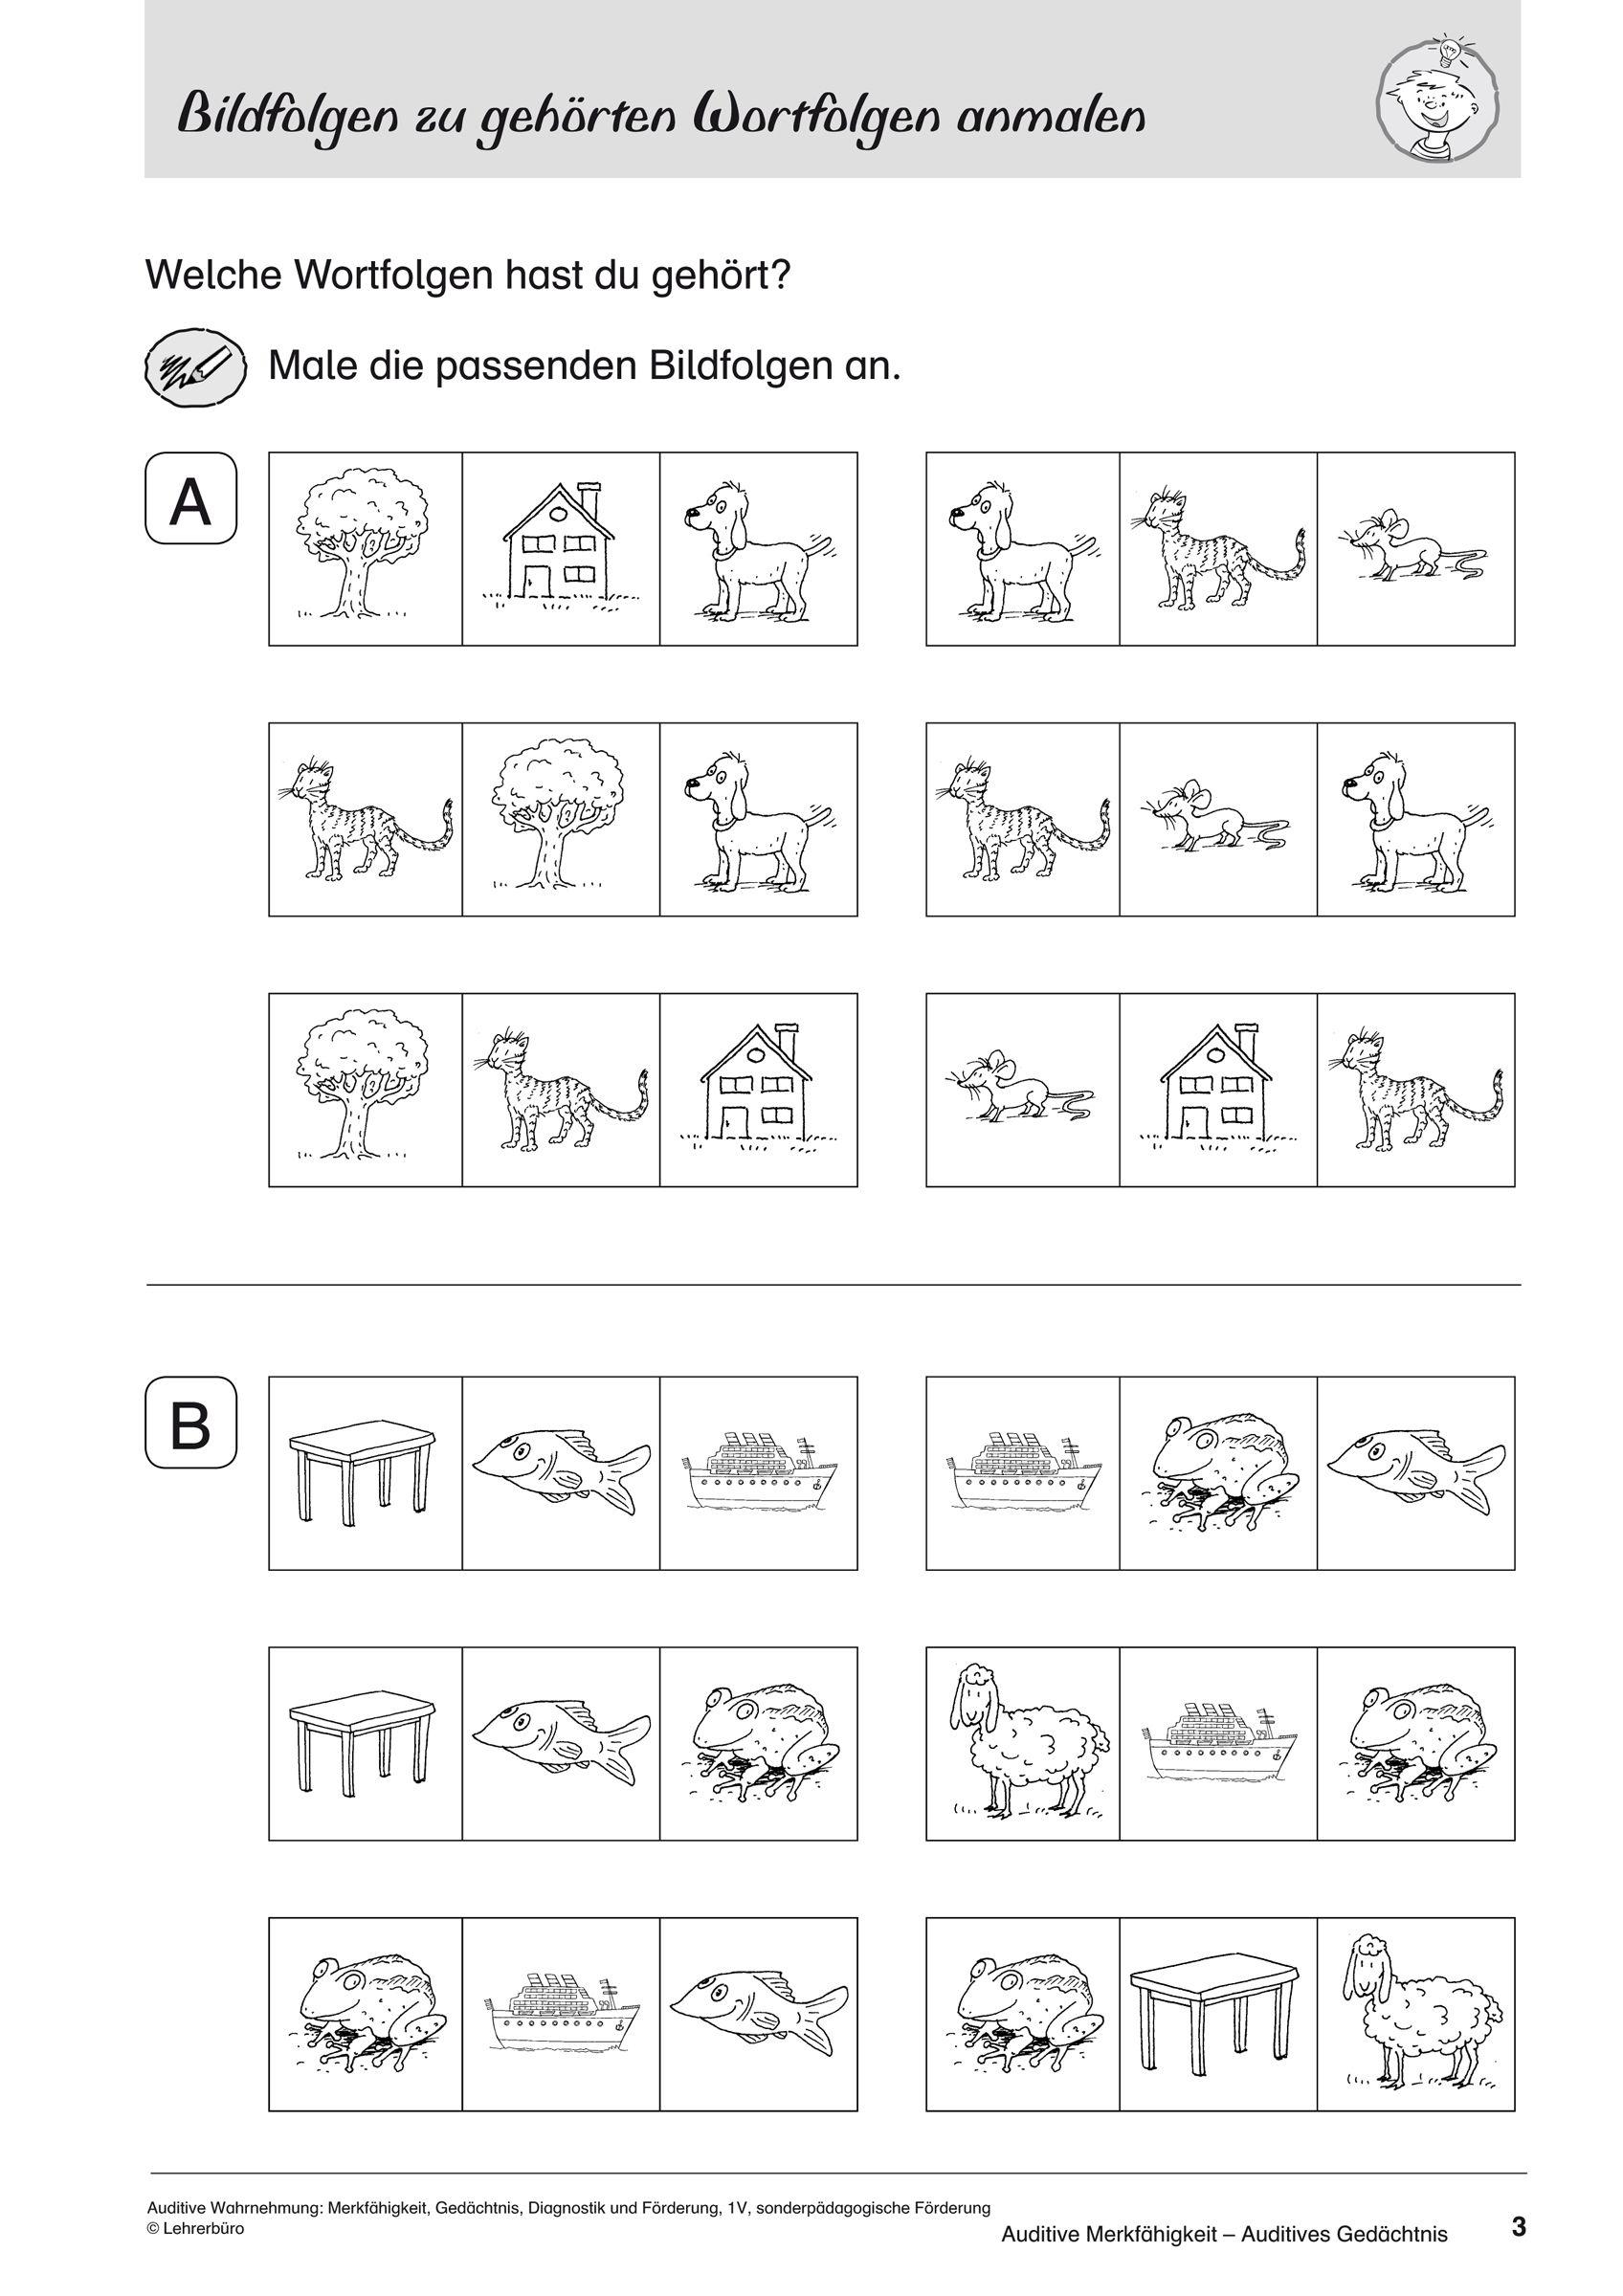 Auditive Wahrnehmung: Merkfähigkeit, Gedächtnis, Diagnostik mit Übungen Logisches Denken Zum Ausdrucken